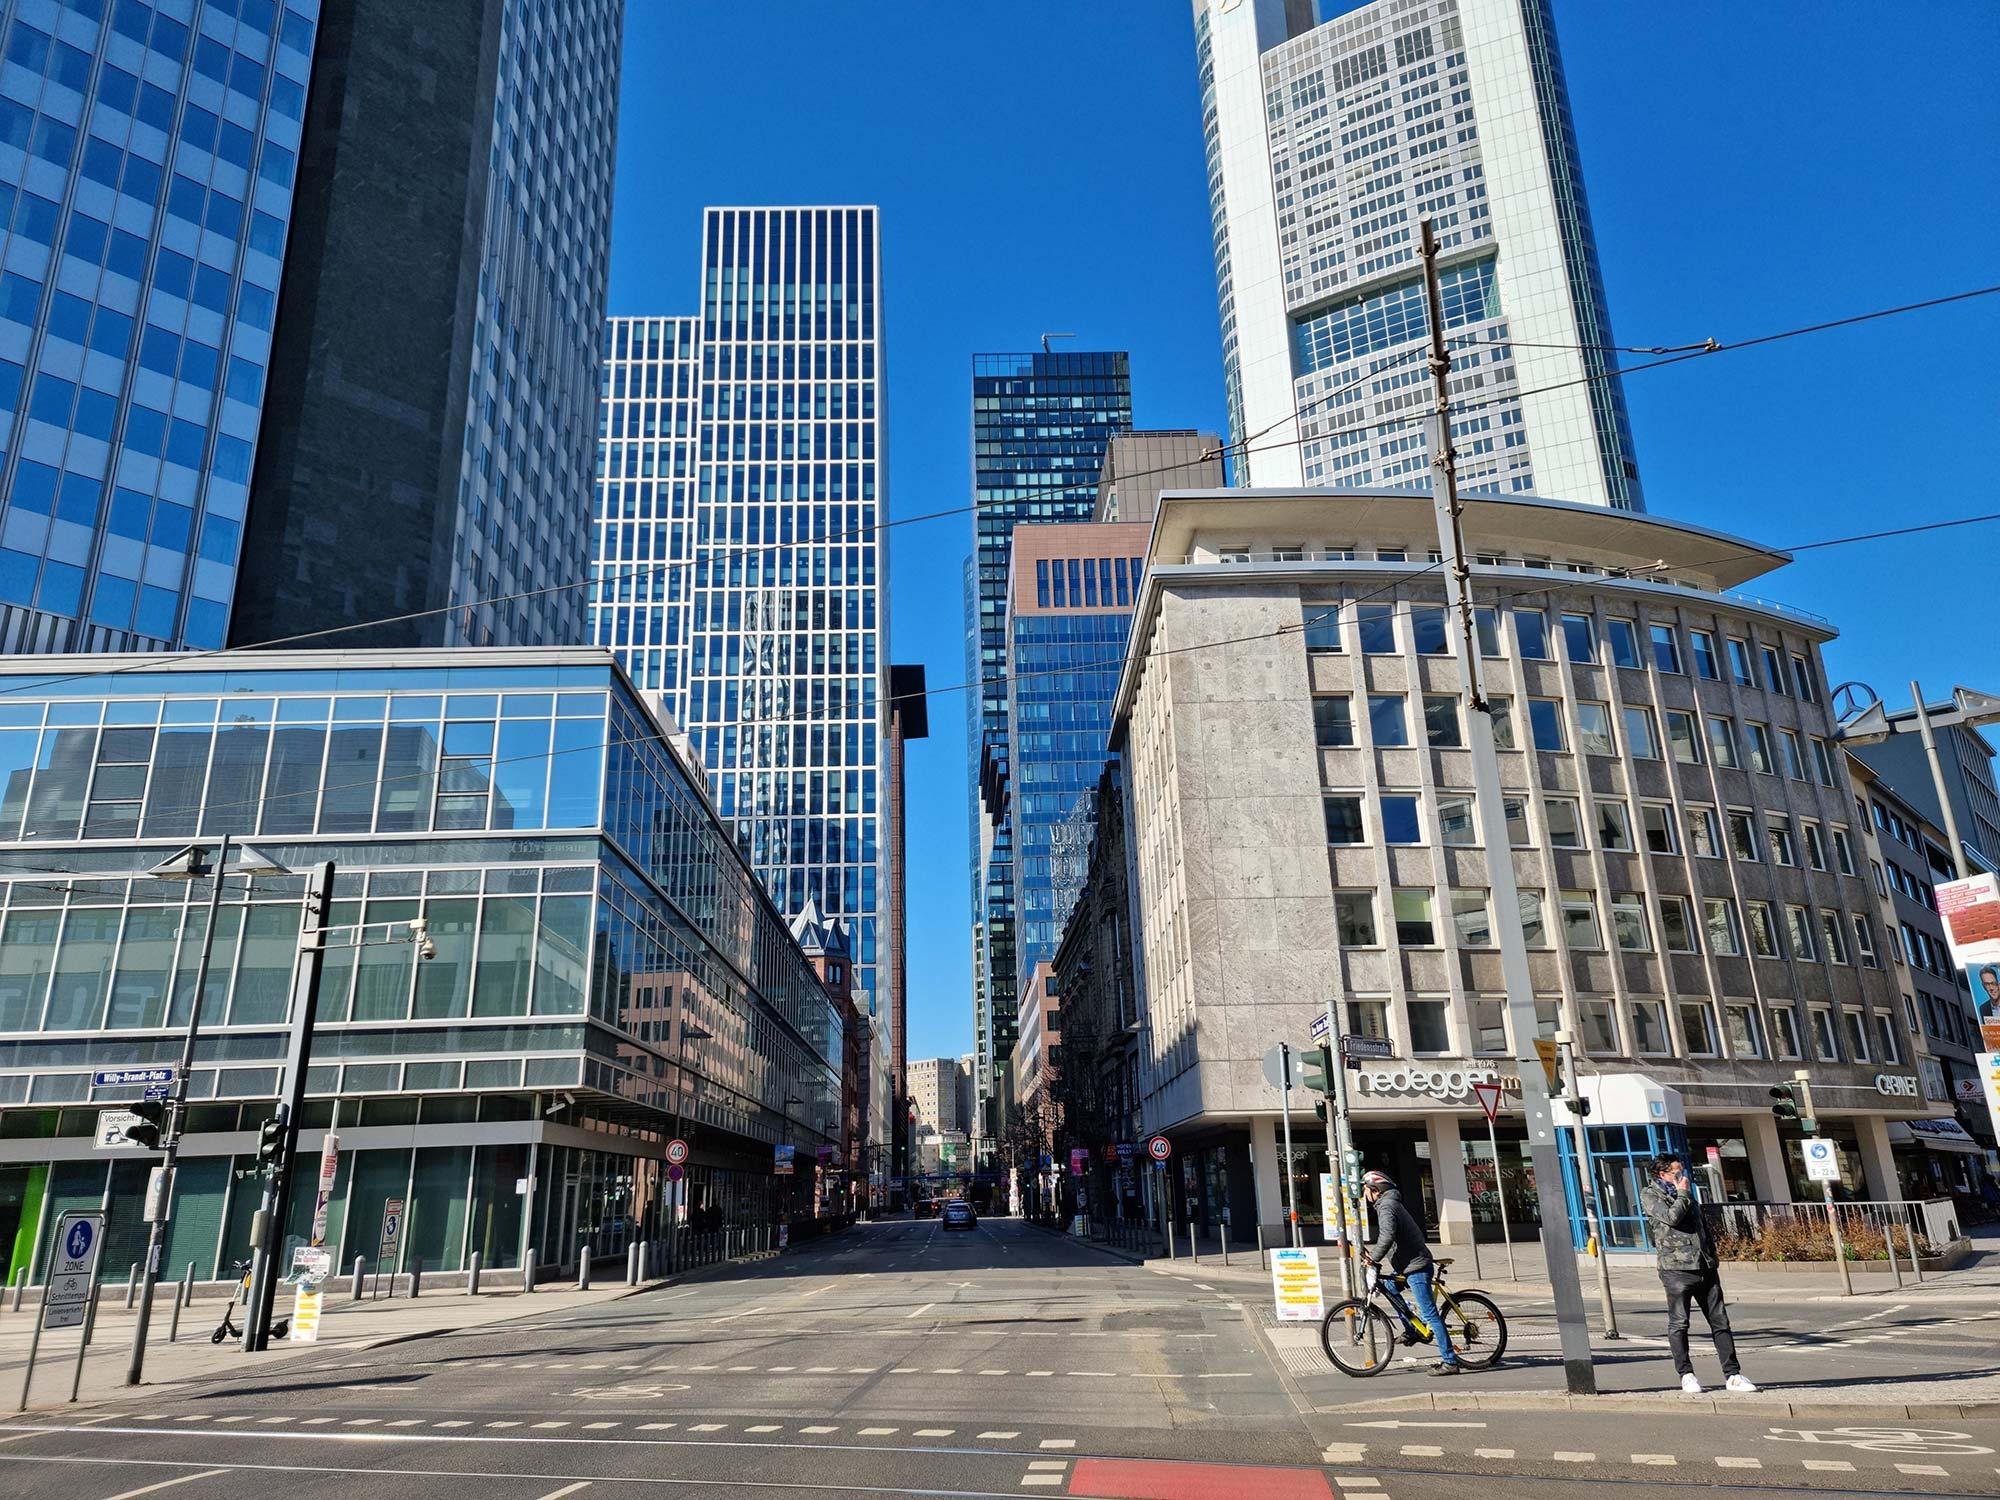 Frankfurt Bankenviertel - Neue Mainzer Straße in Frankfurt - Neue Mainzer Straße FFM - Bankenklamm